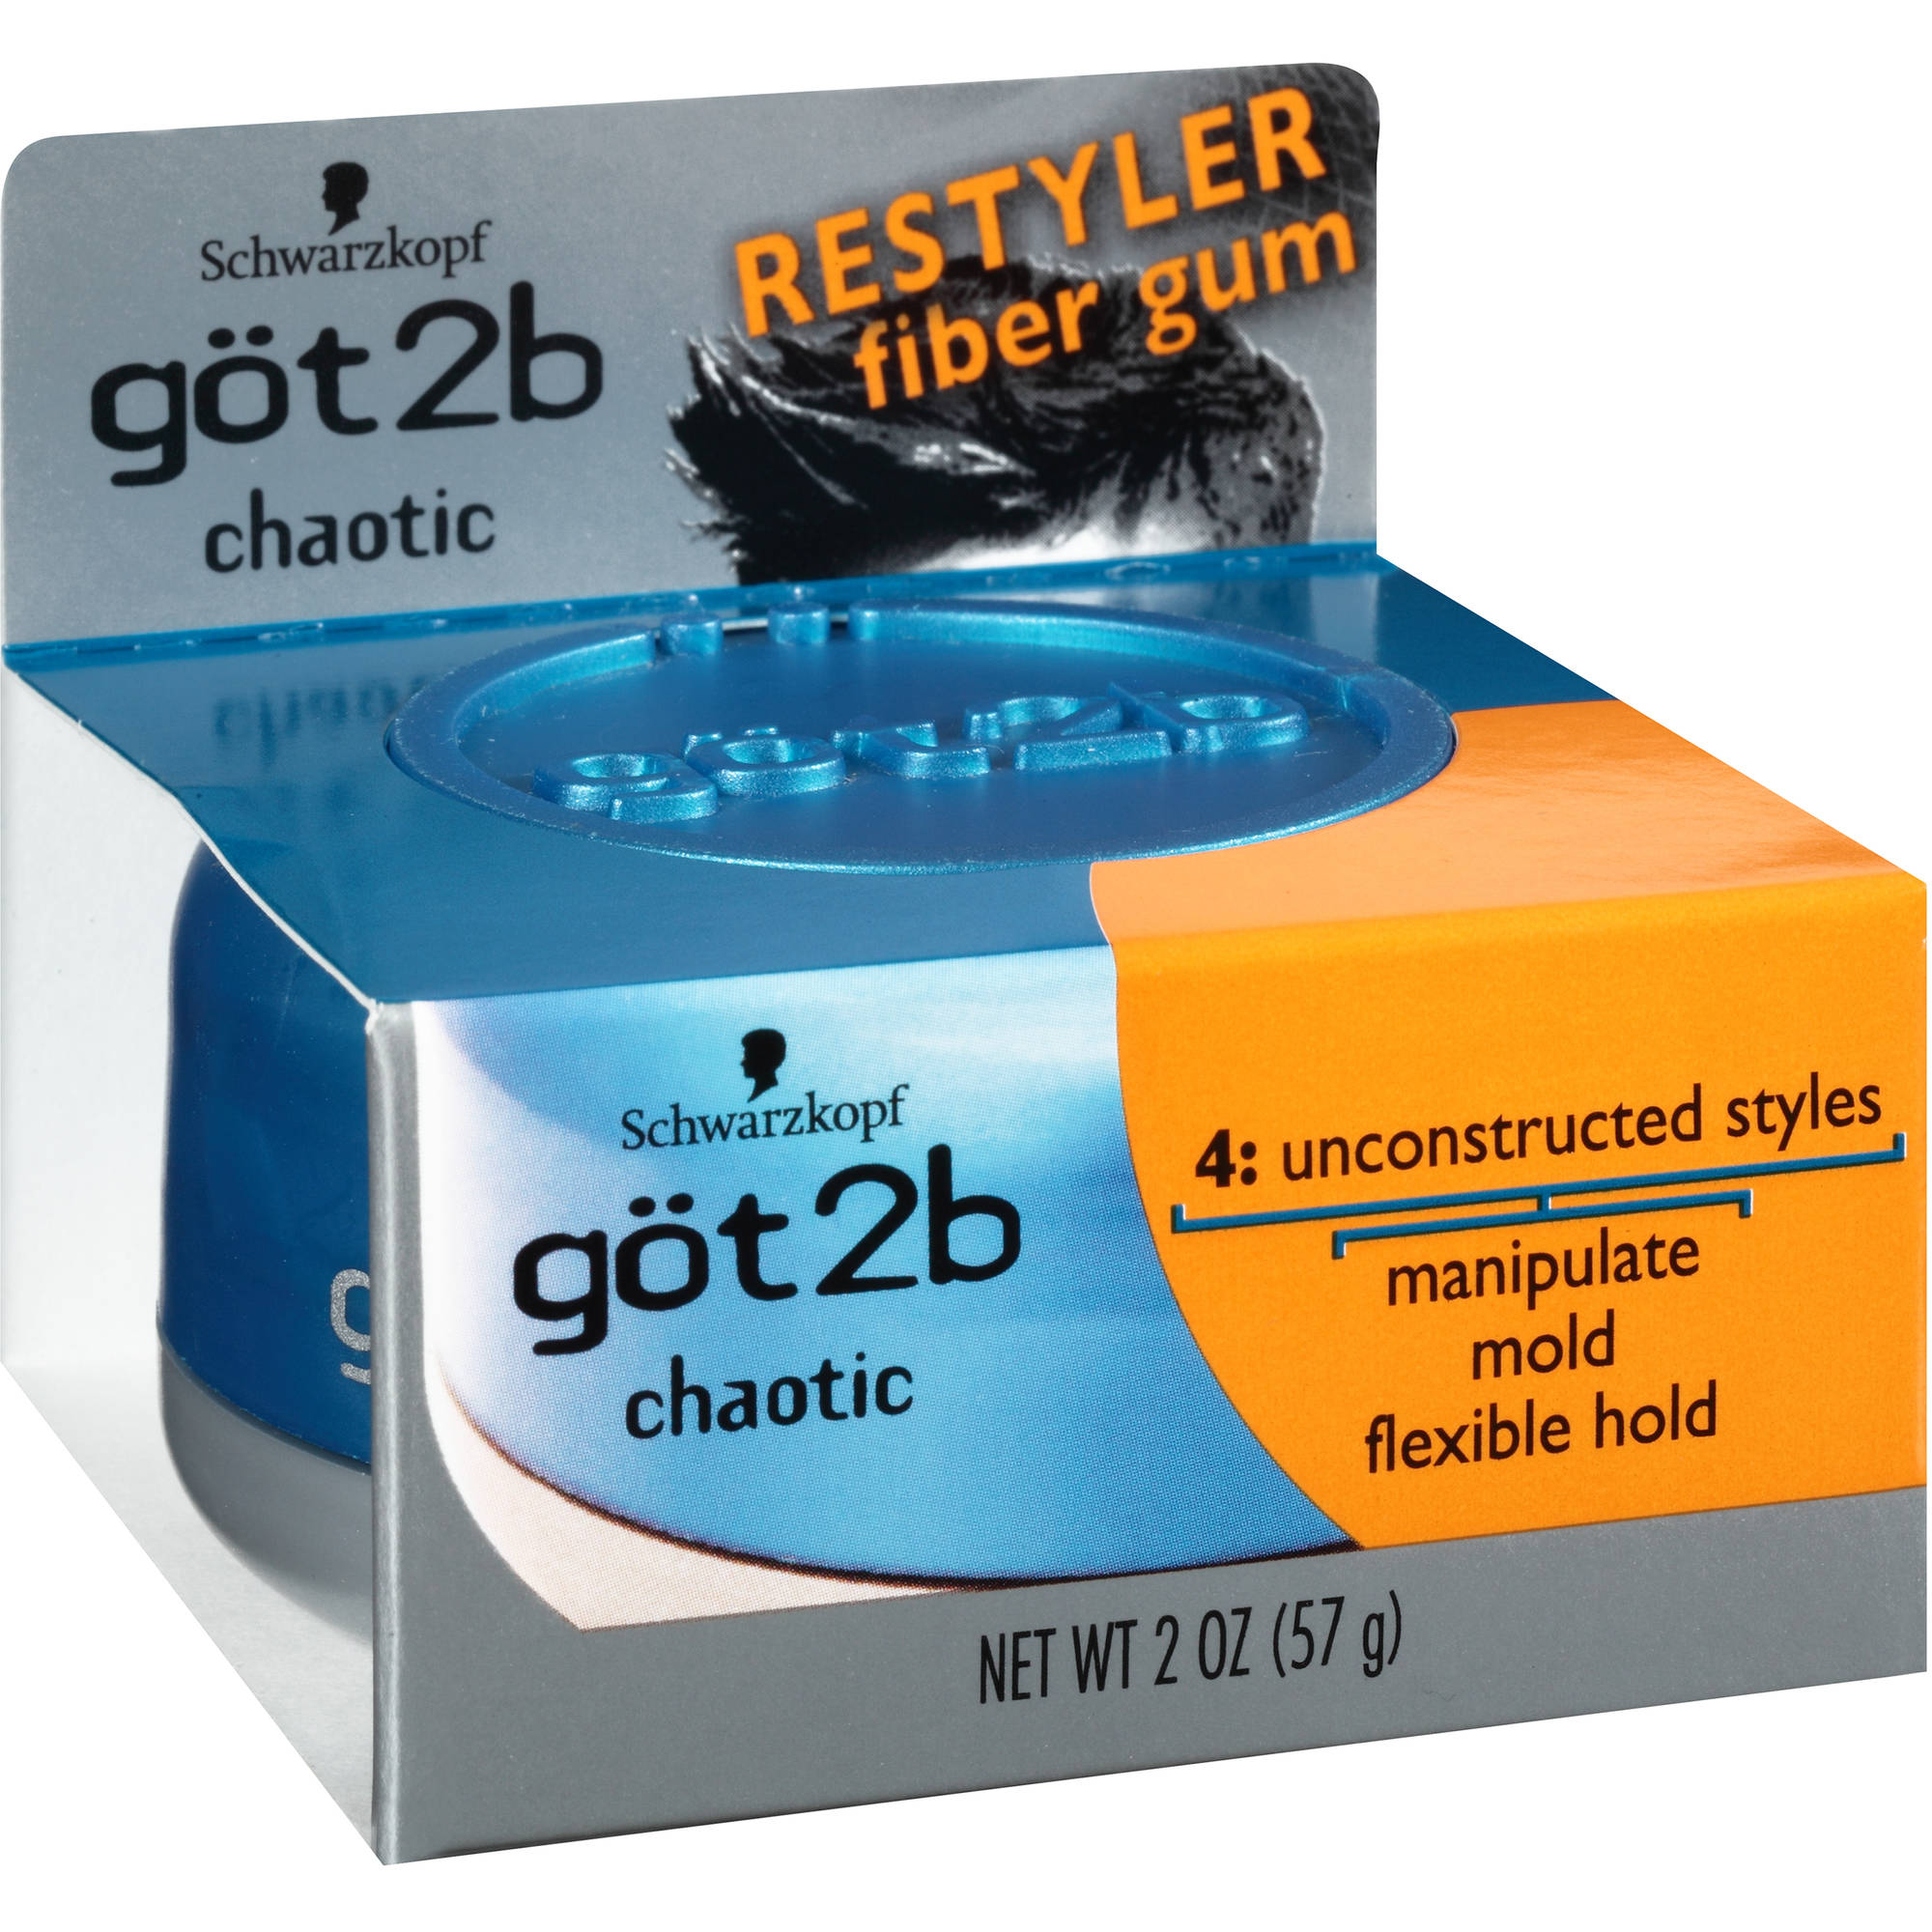 got2b Chaotic Restyler Styling Fiber Gum, 2 oz